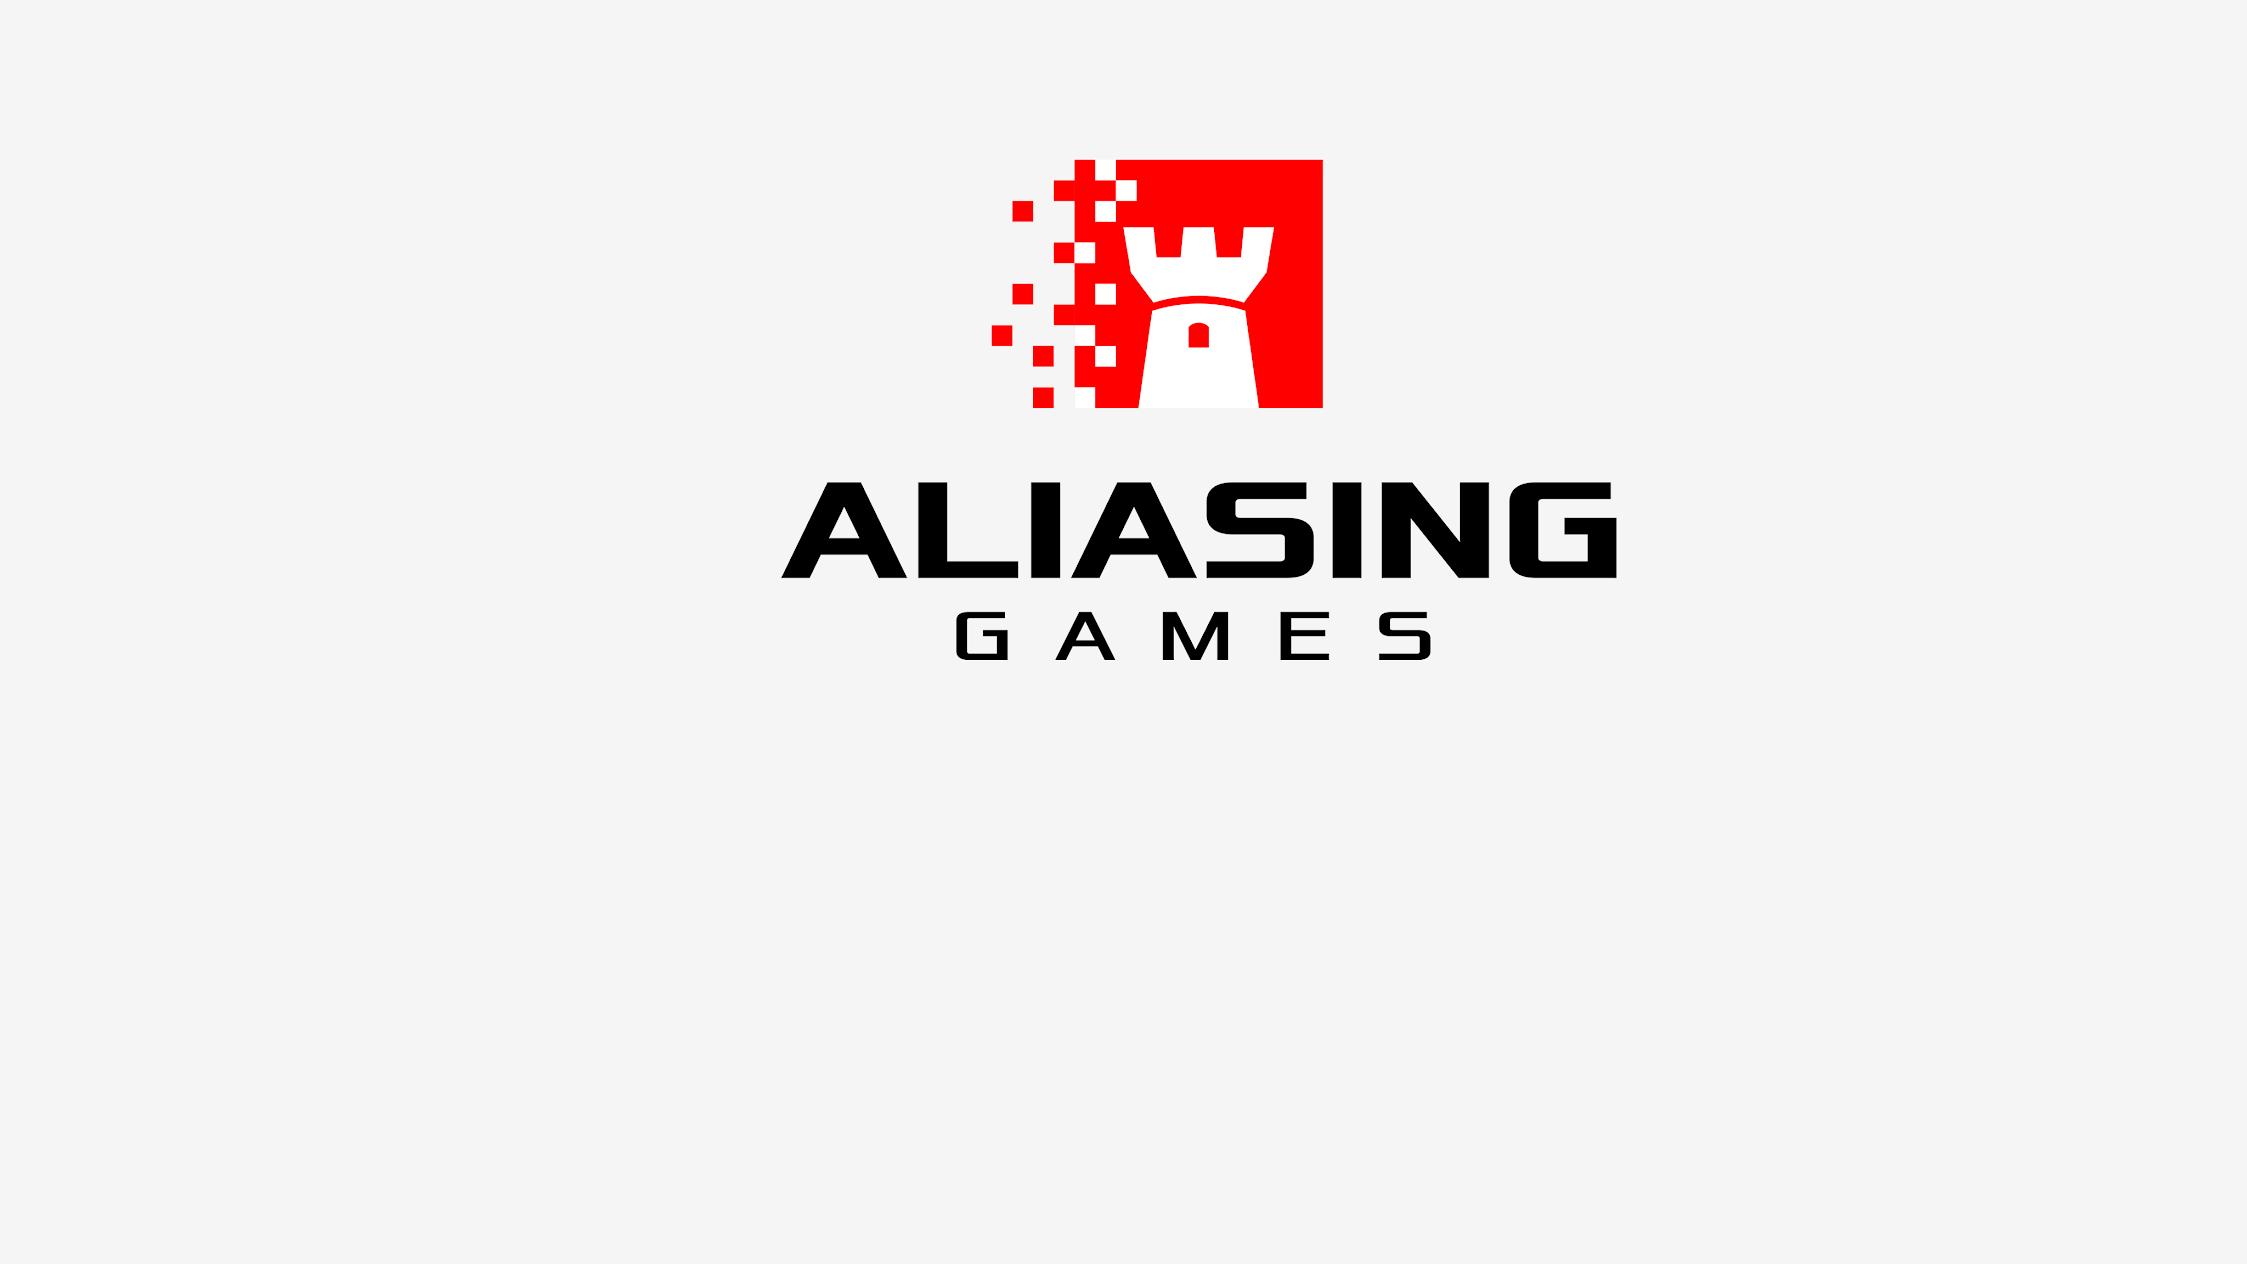 Aliasing Games